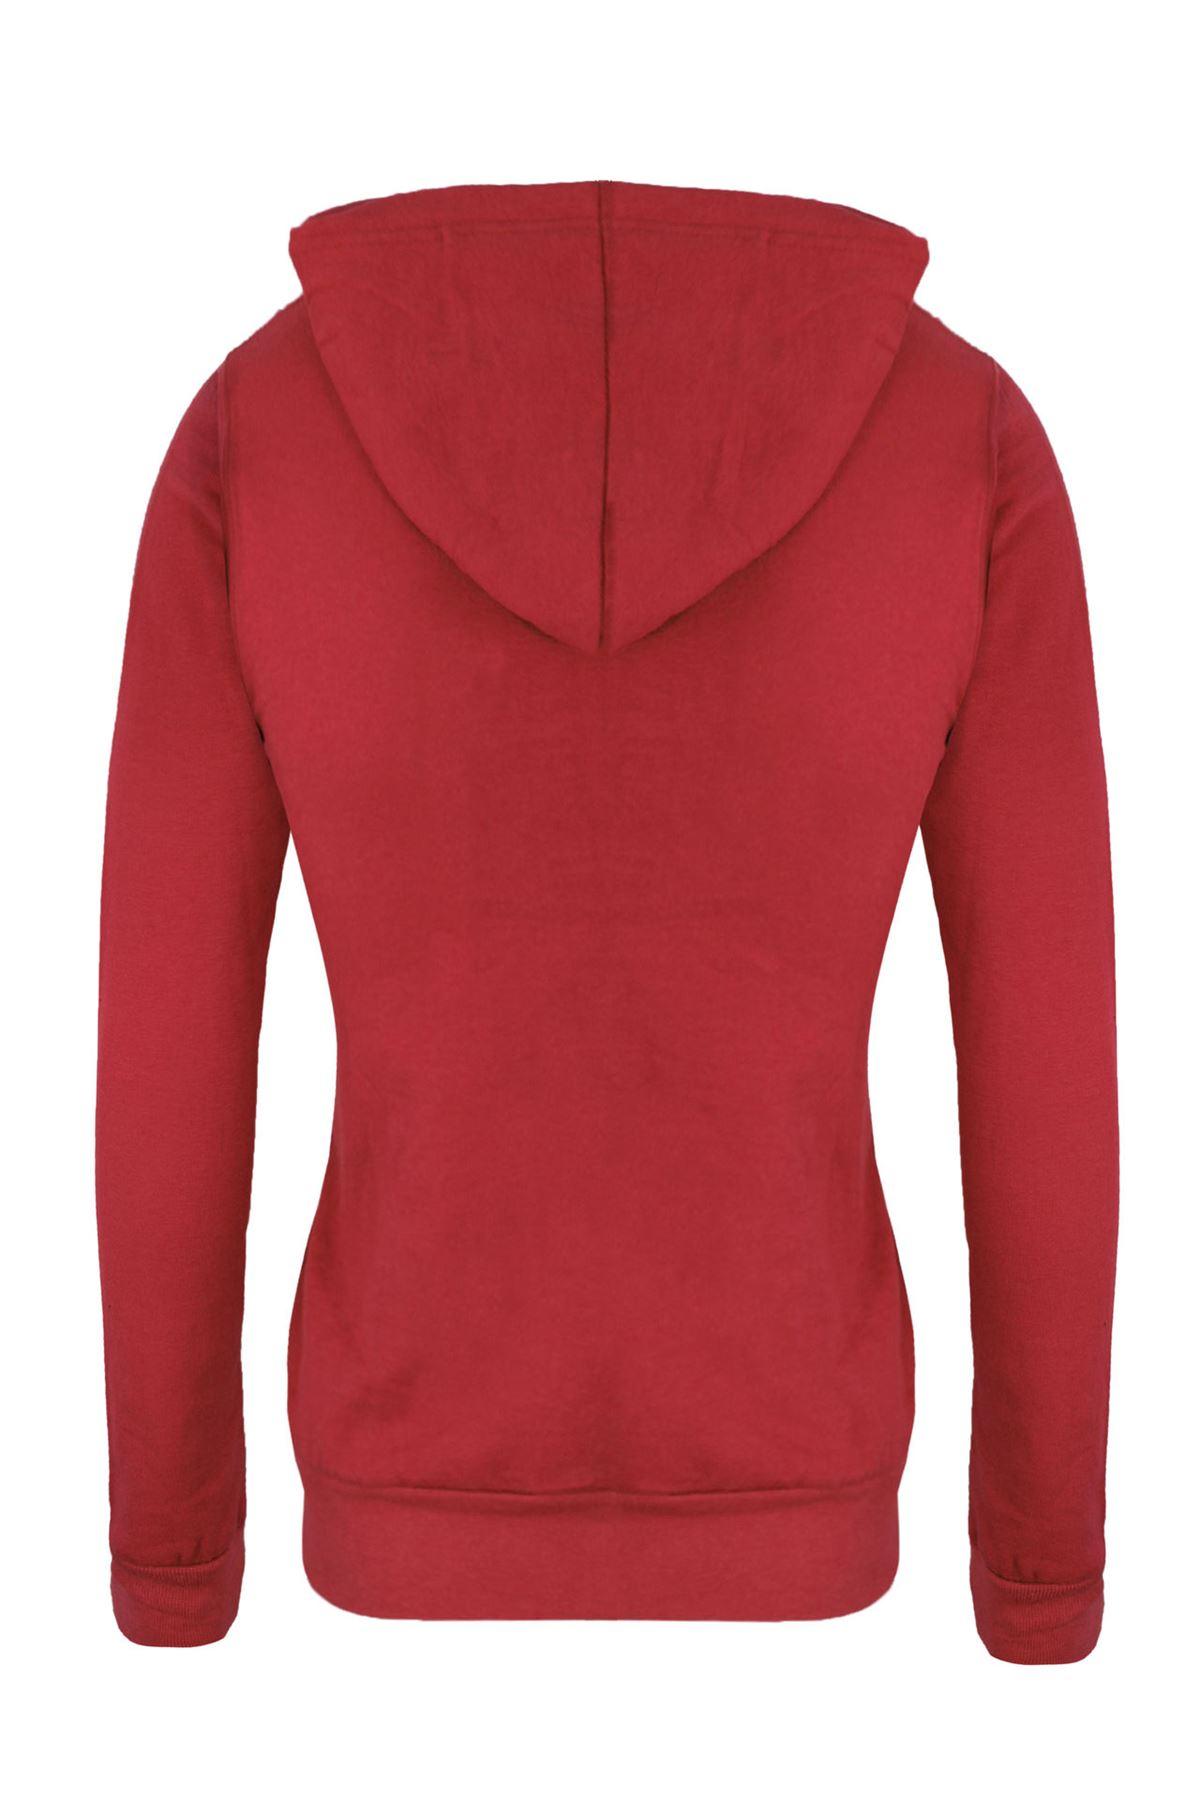 Femmes-Manches-Longues-Uni-A-Capuche-Femmes-Sweat-a-Capuche-Coton-Top-8-10-12-14 miniature 3